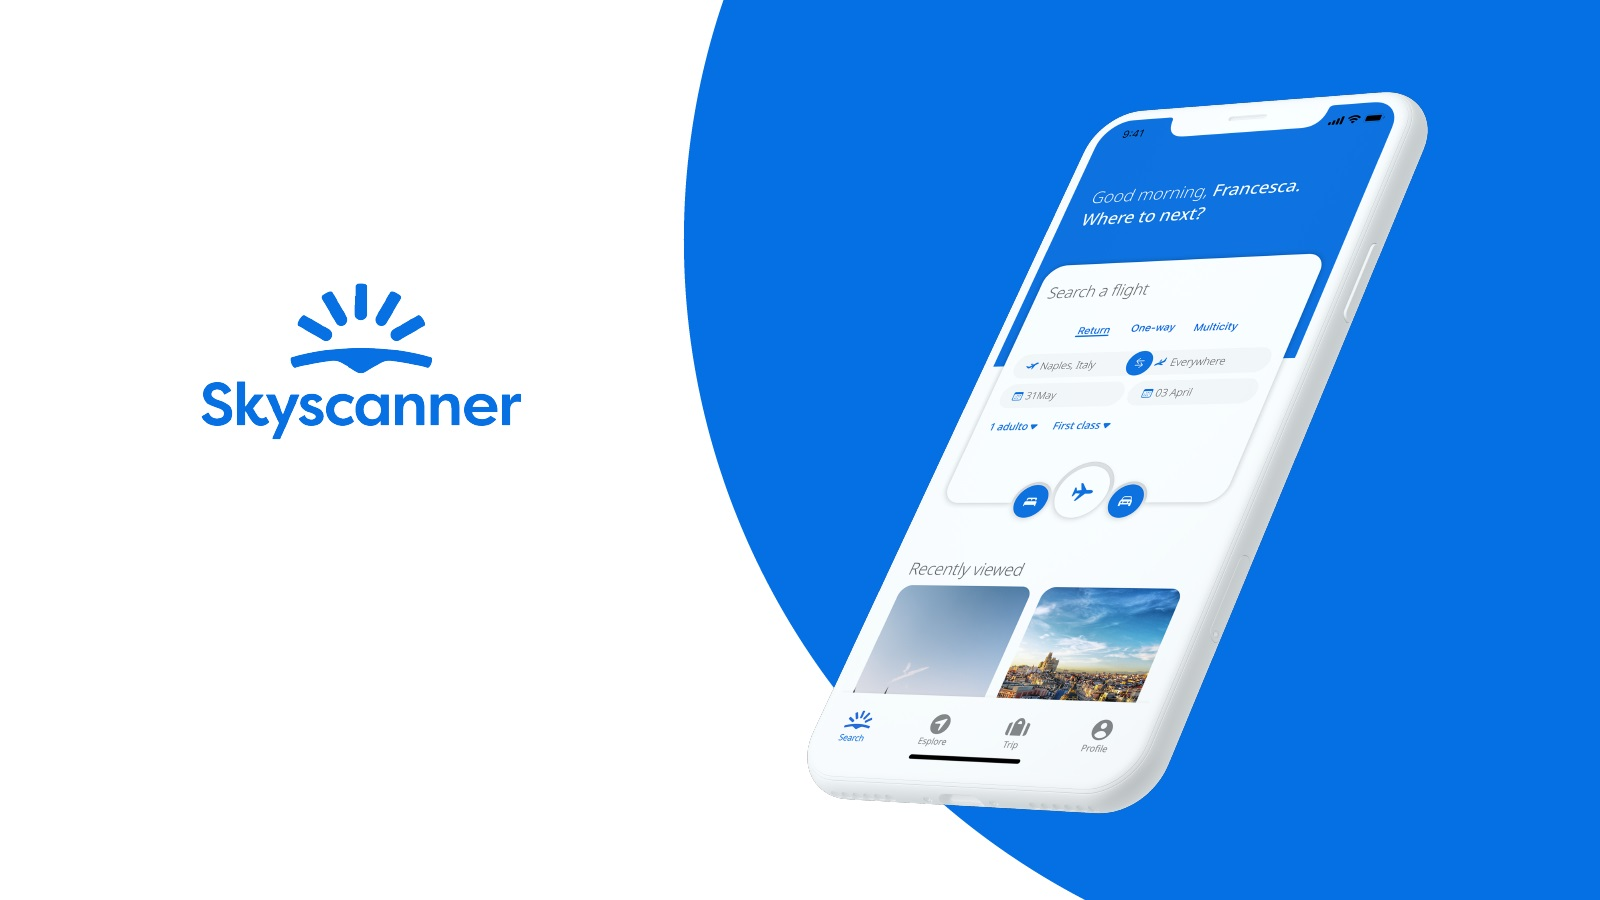 skyscanner-mobile-app